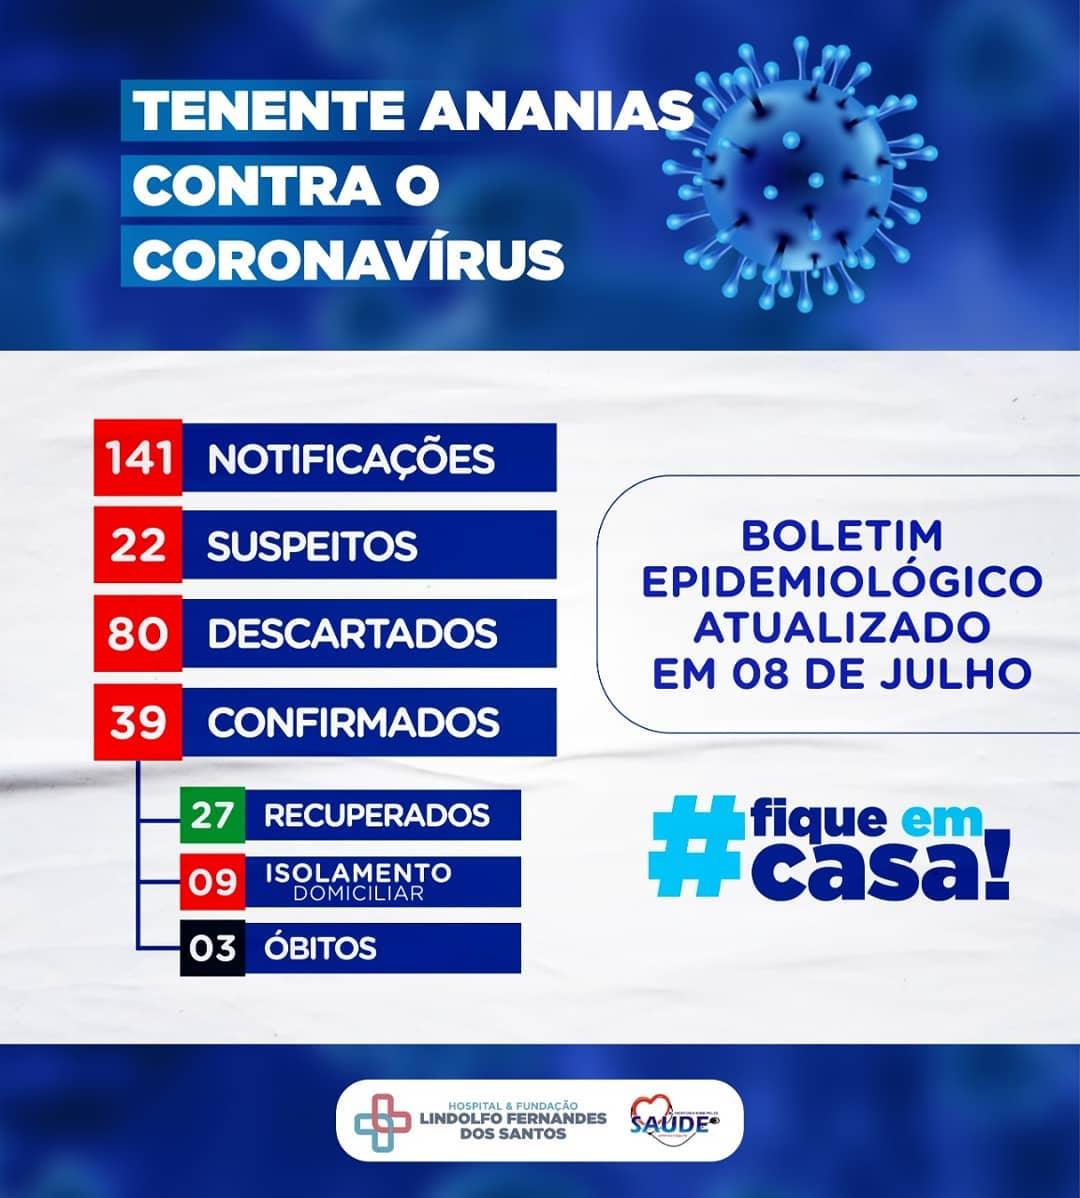 Boletim Epidemiológico, atualizado em 08 de julho de 2020